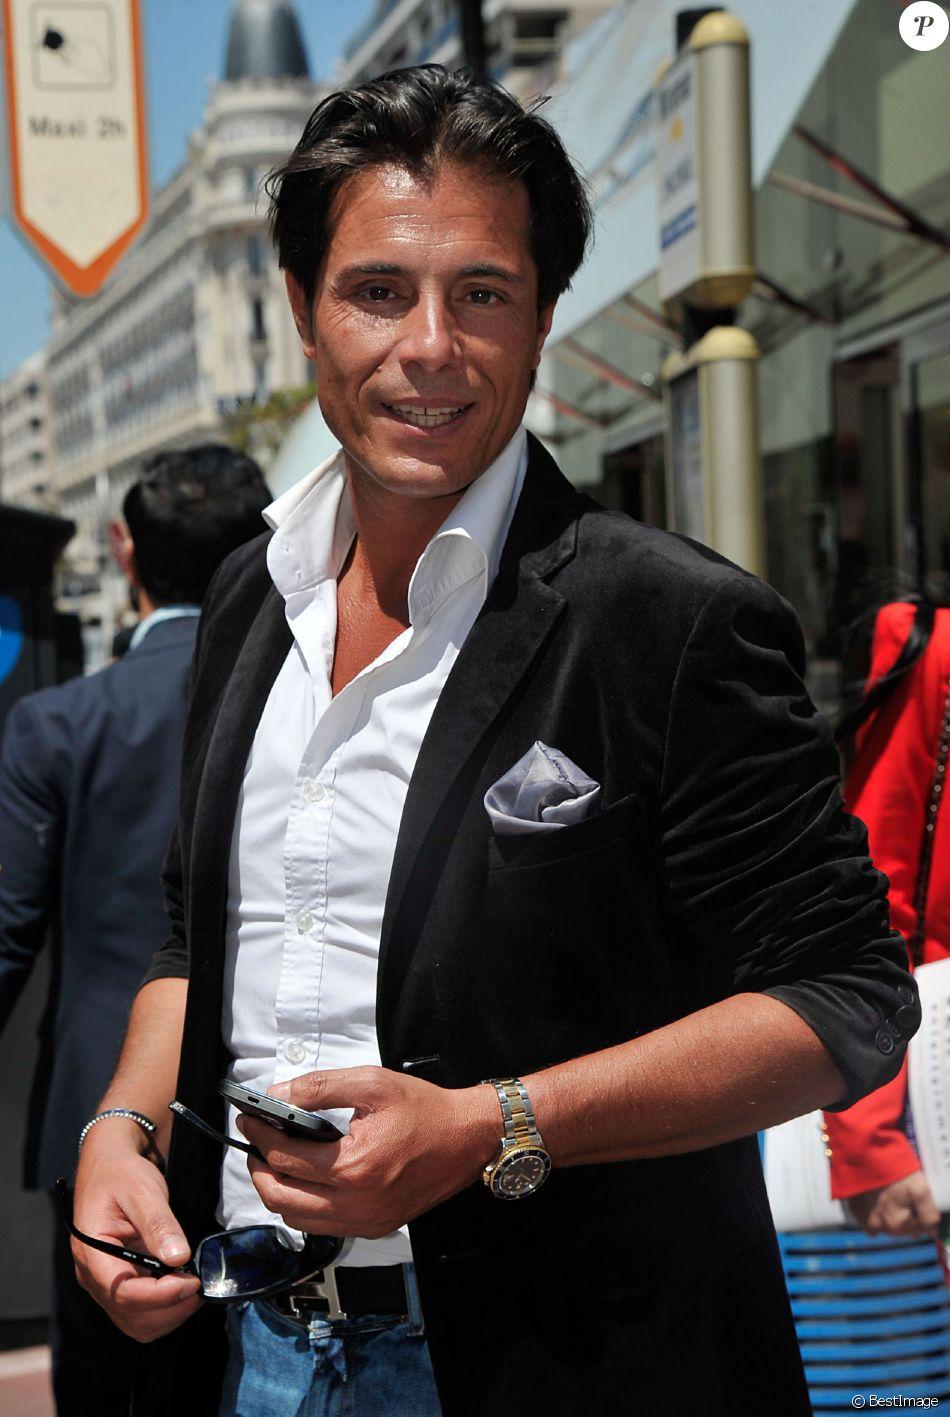 Exclusif - Giuseppe Polimeno se promène sur la croisette - 67 ème festival du film de Cannes 2014 - le 17 mai 2014